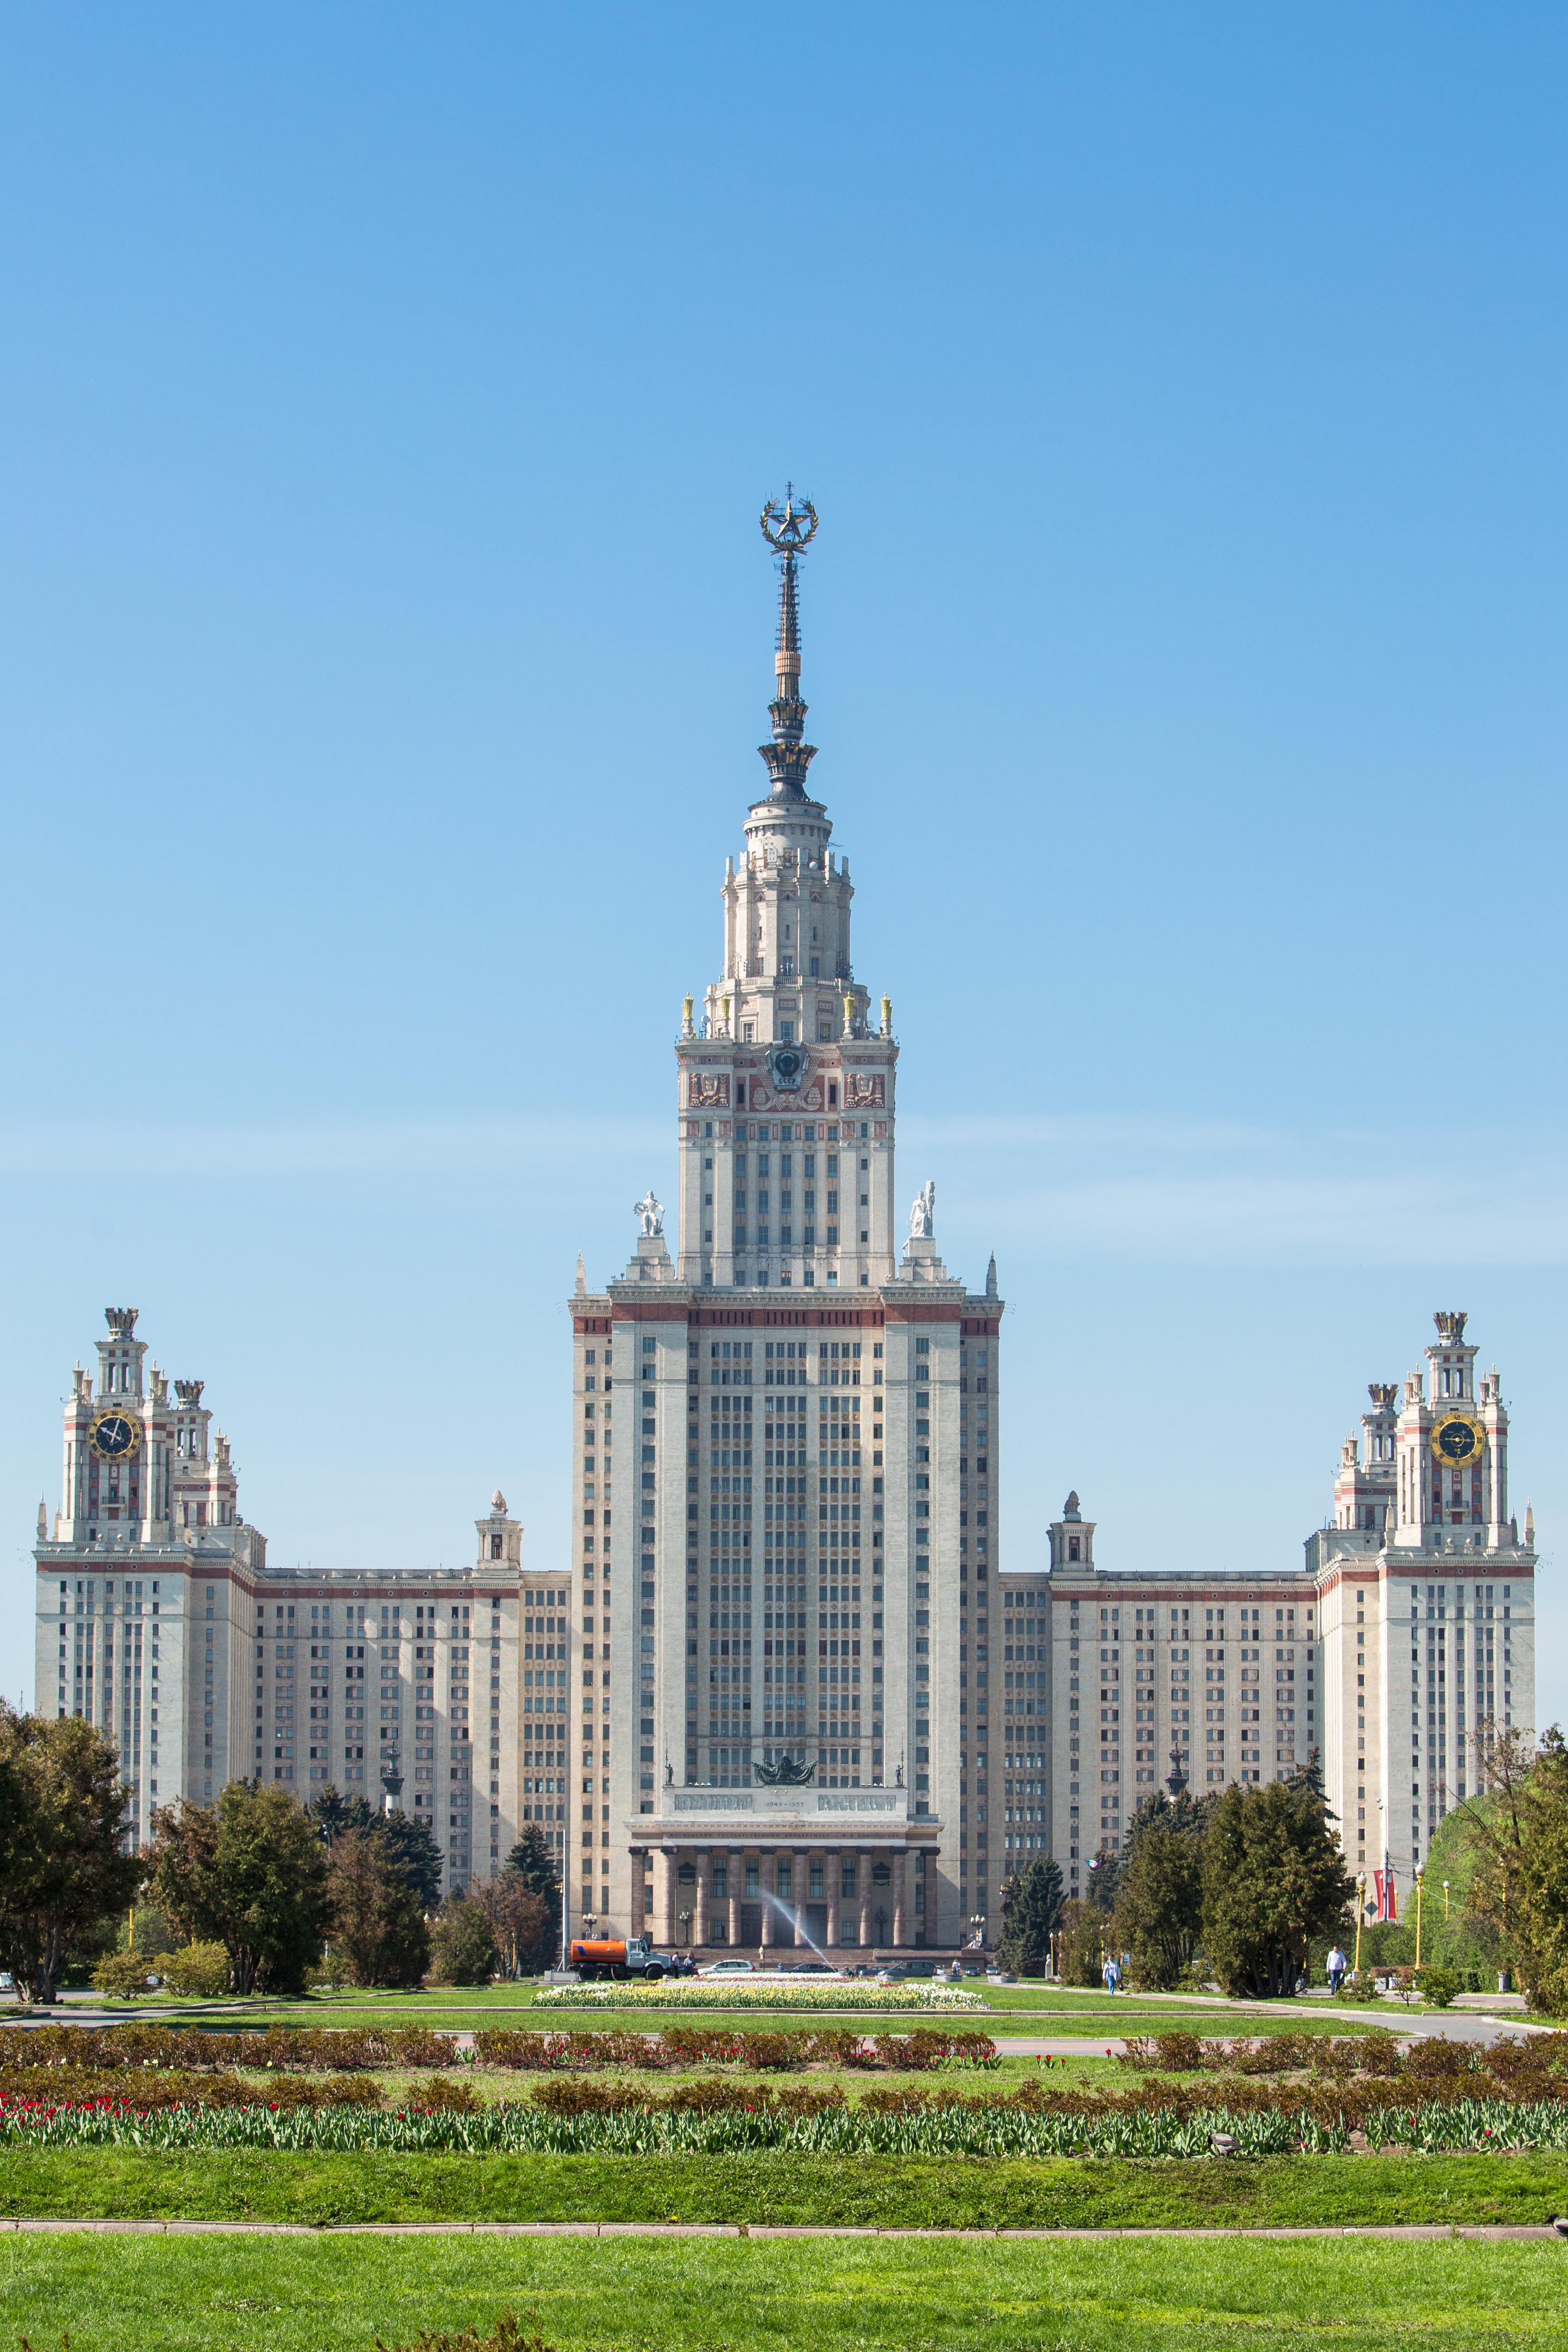 Photographie d'architecture de l'université de Moscou